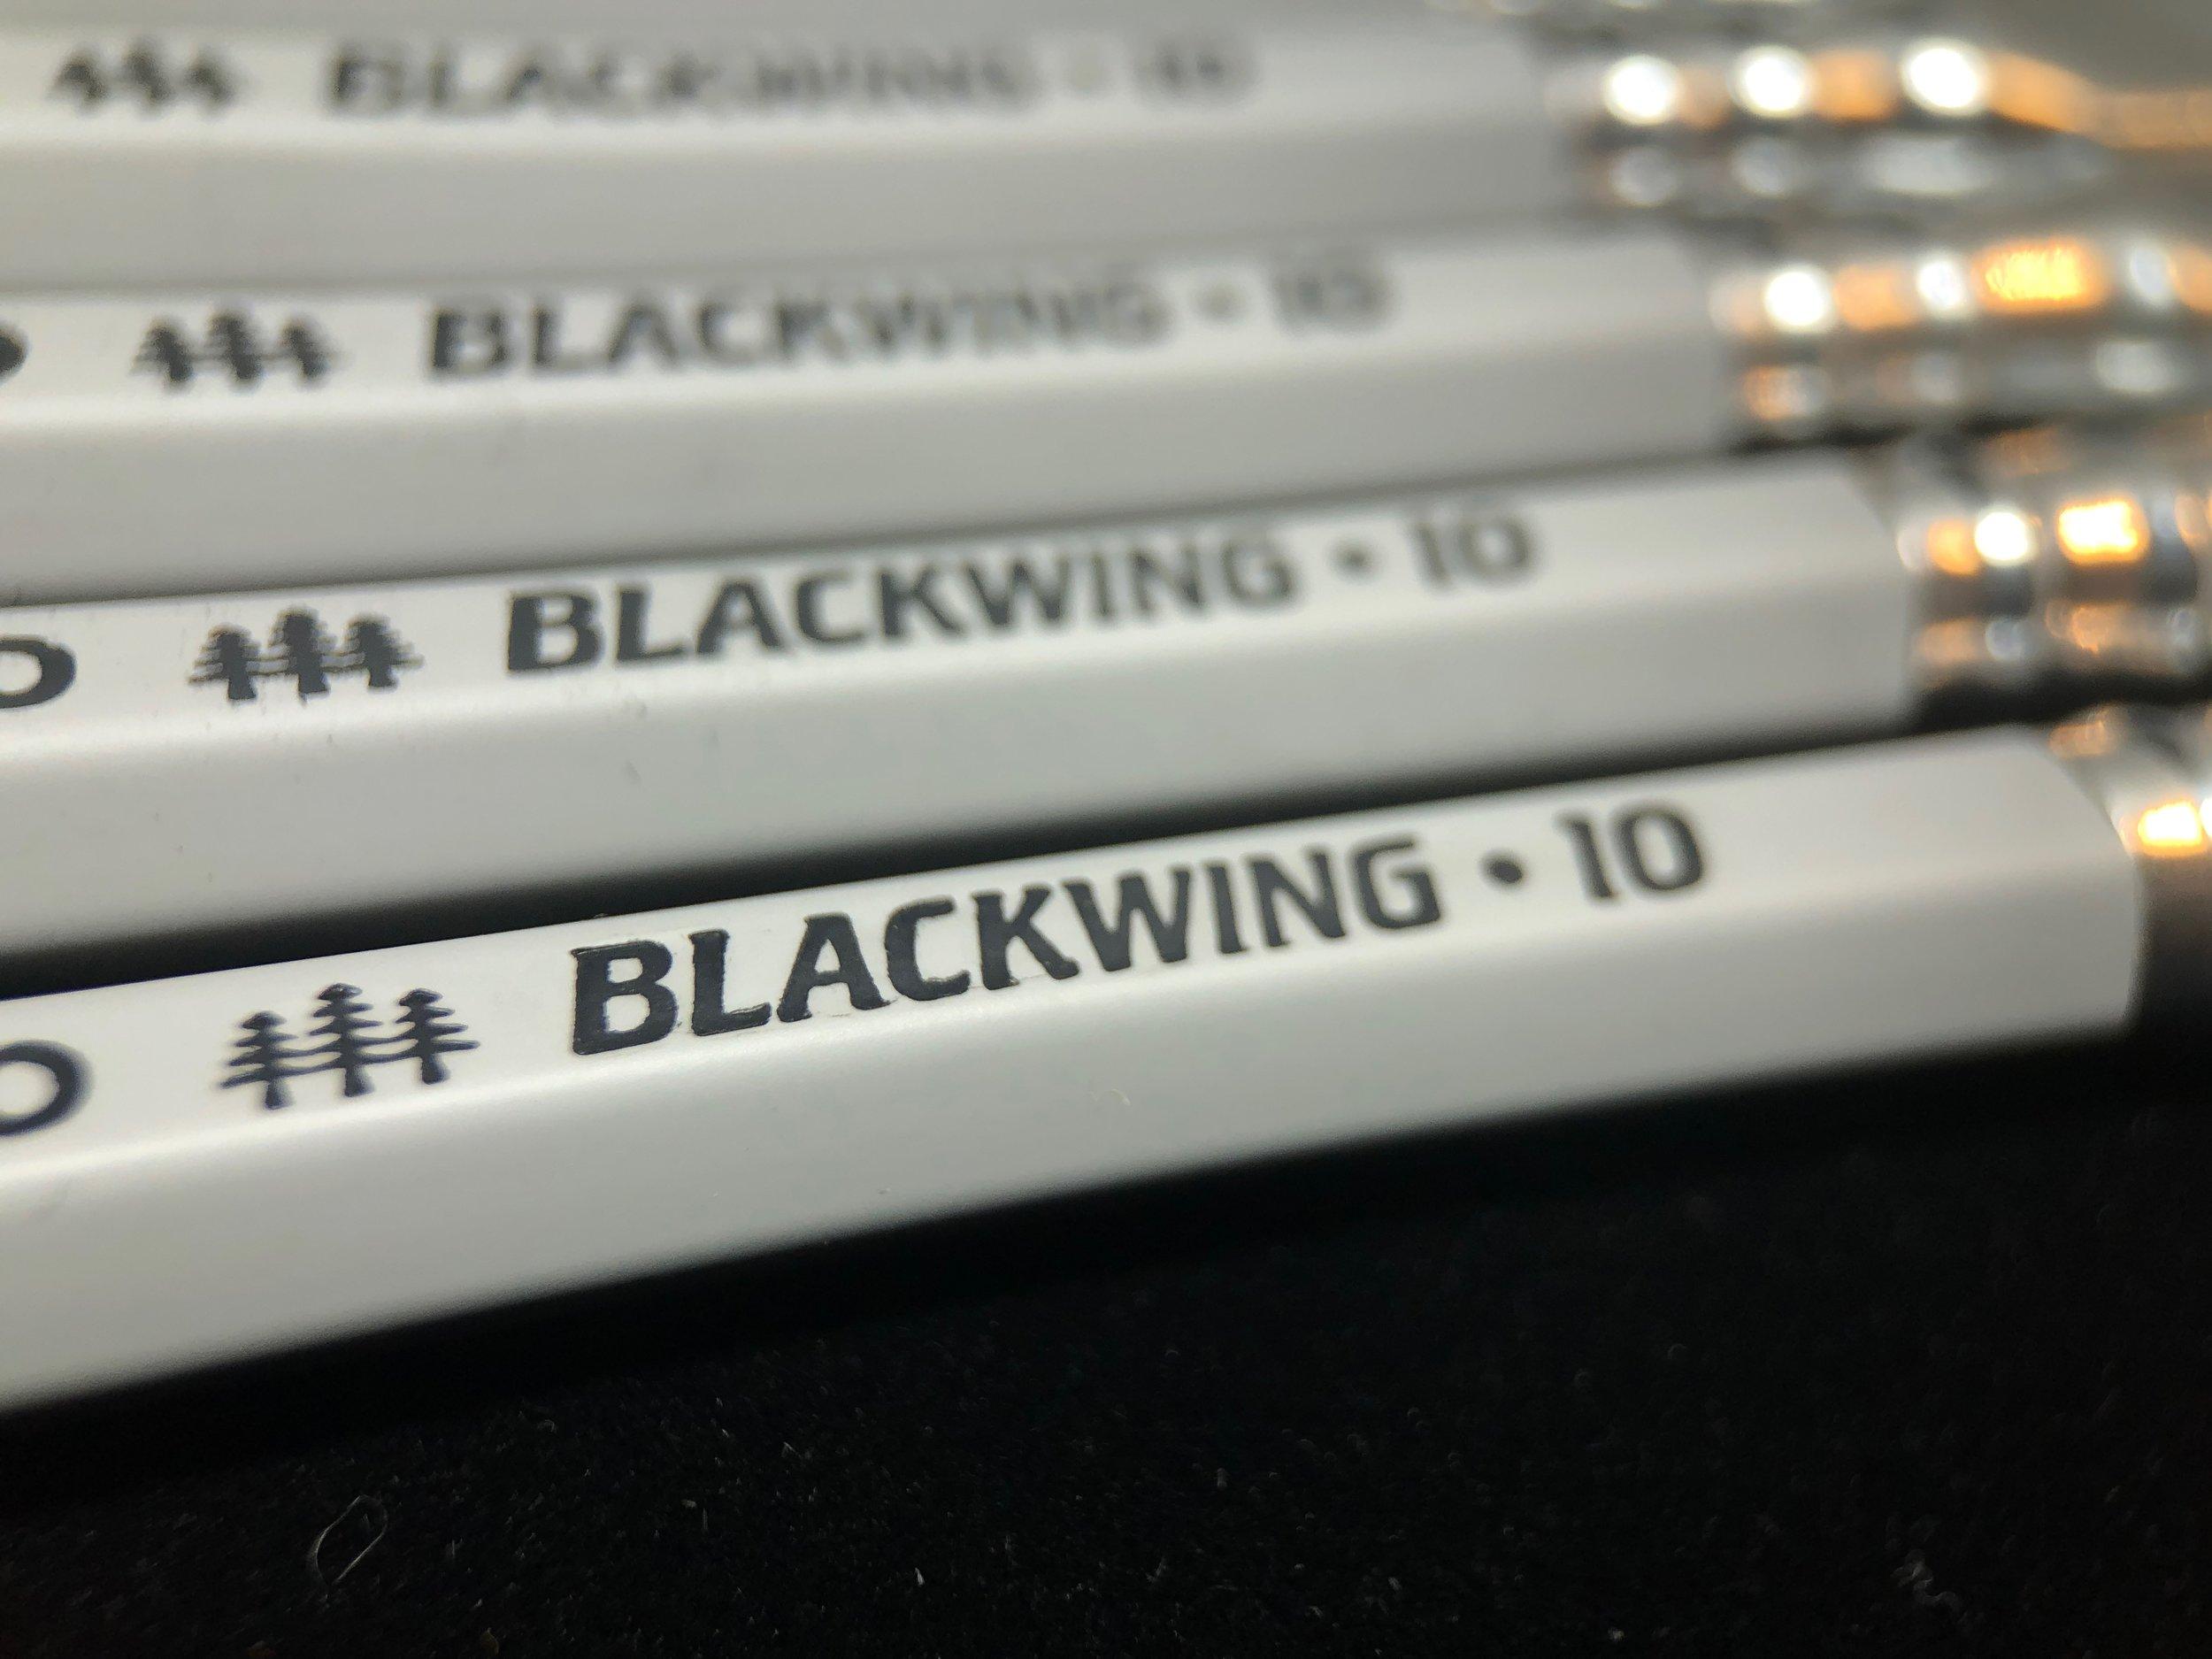 palomino-blackwing-vol-10-4.jpg